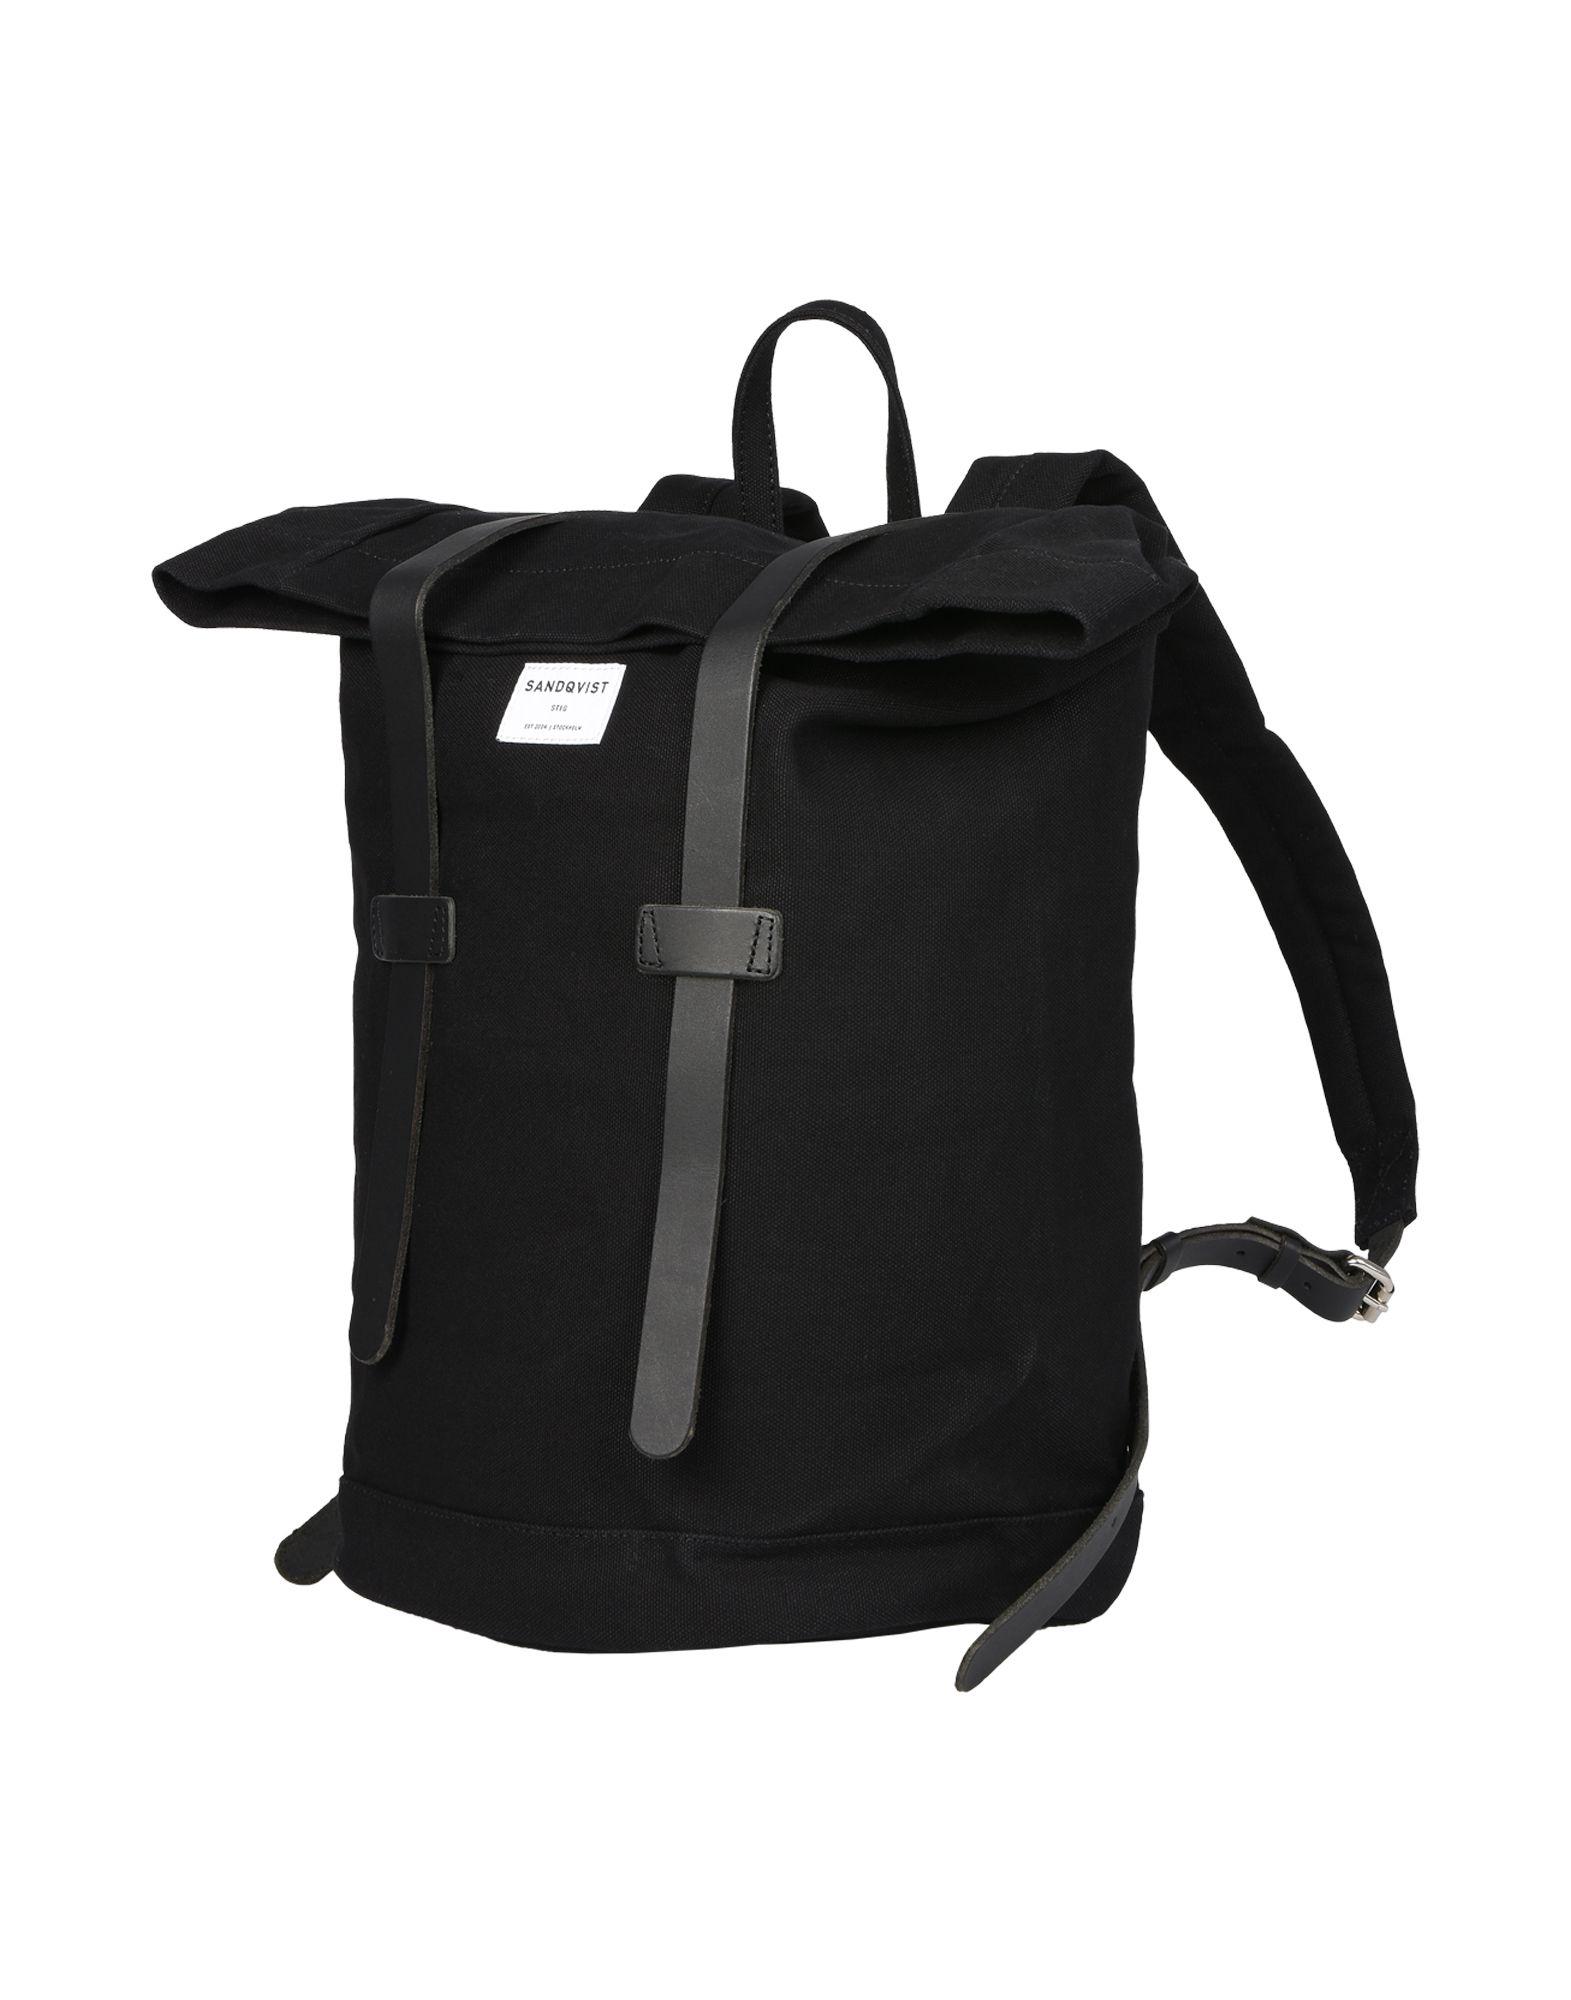 《送料無料》SANDQVIST メンズ バックパック&ヒップバッグ ブラック コットン 100%